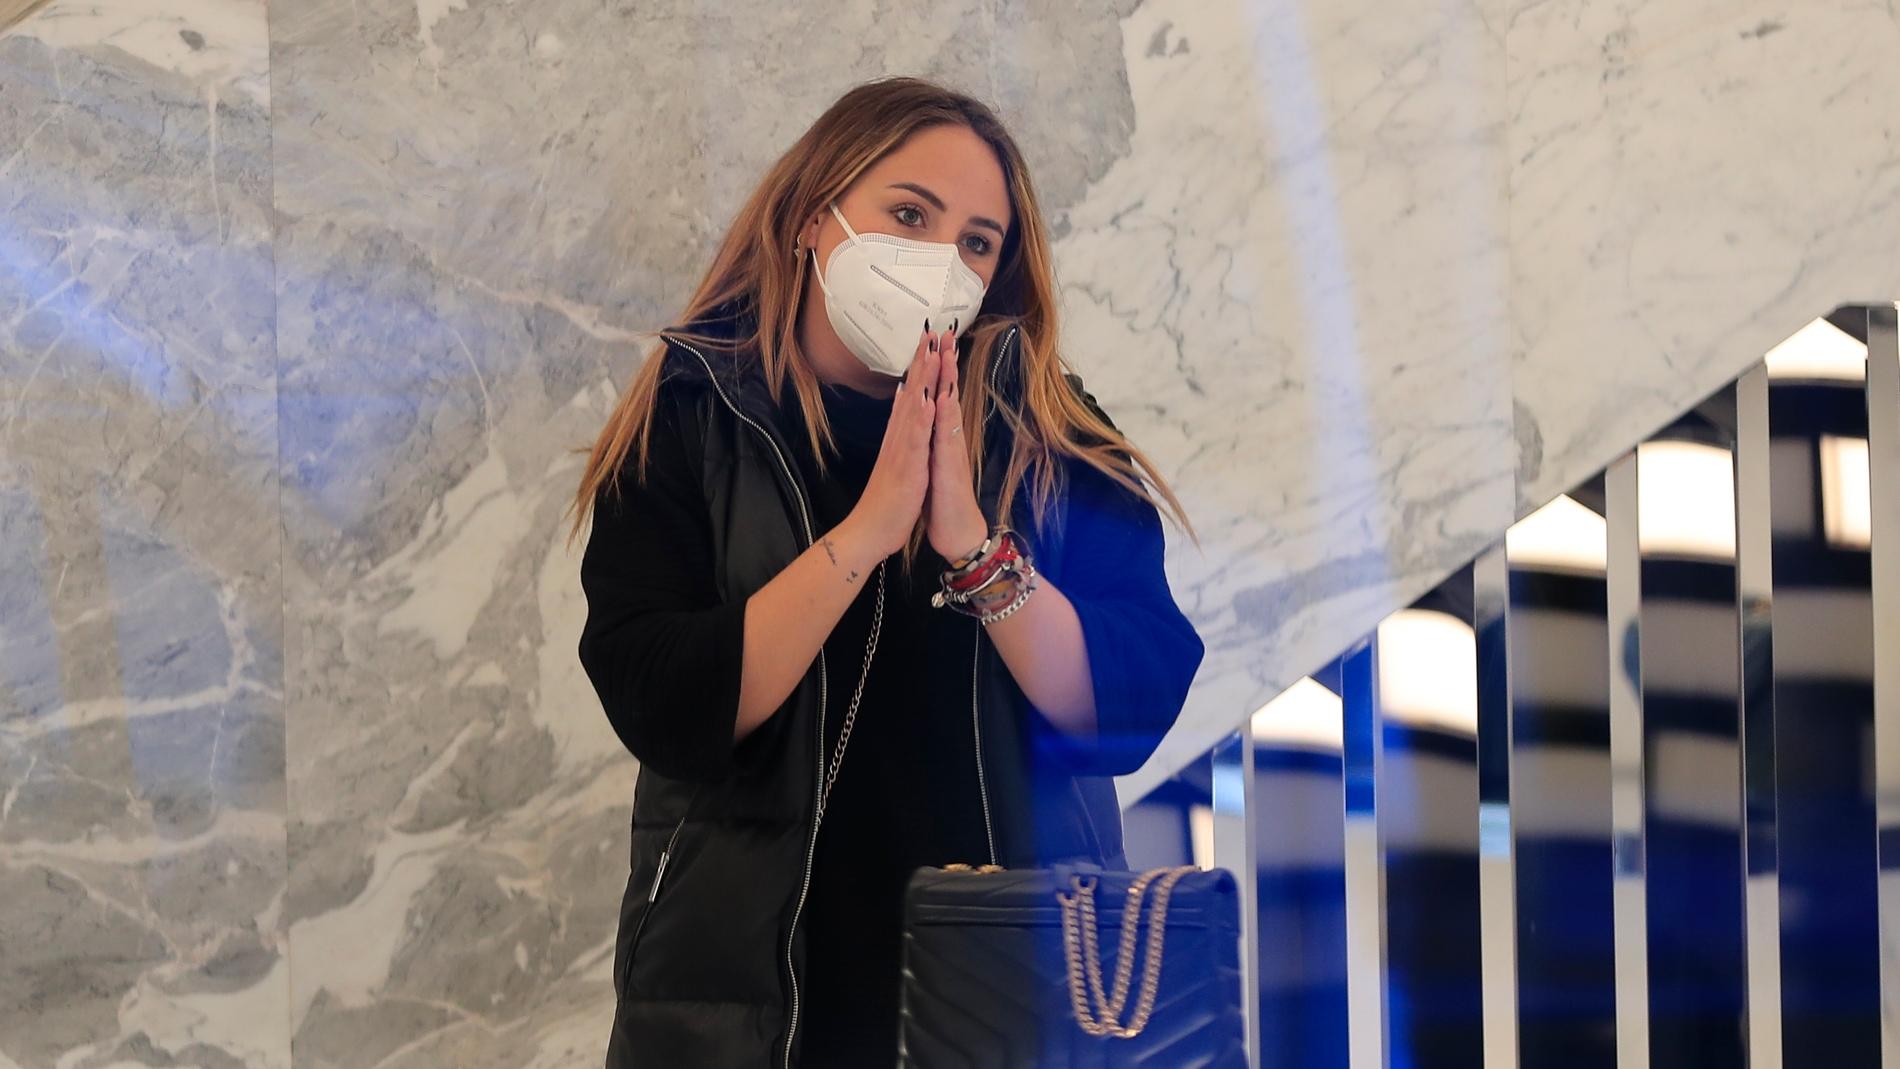 El bolso de YSL por el que suspira Rocío Flores